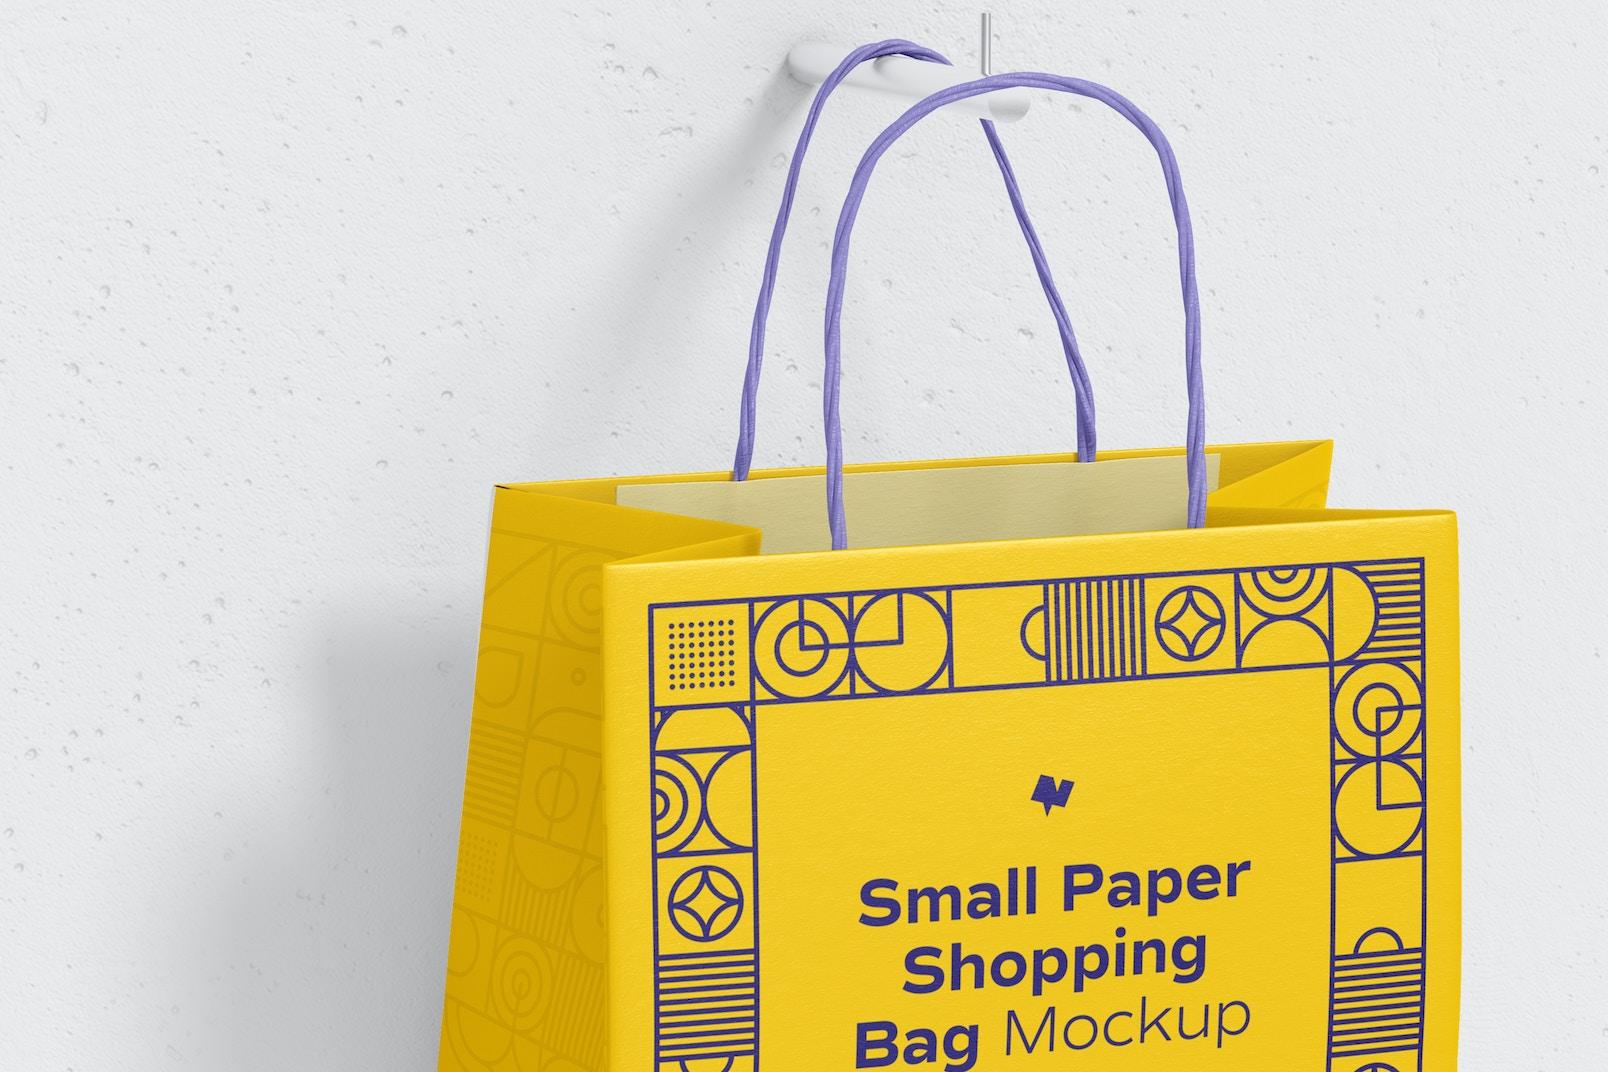 Small Paper Shopping Bag Mockup, Hanging